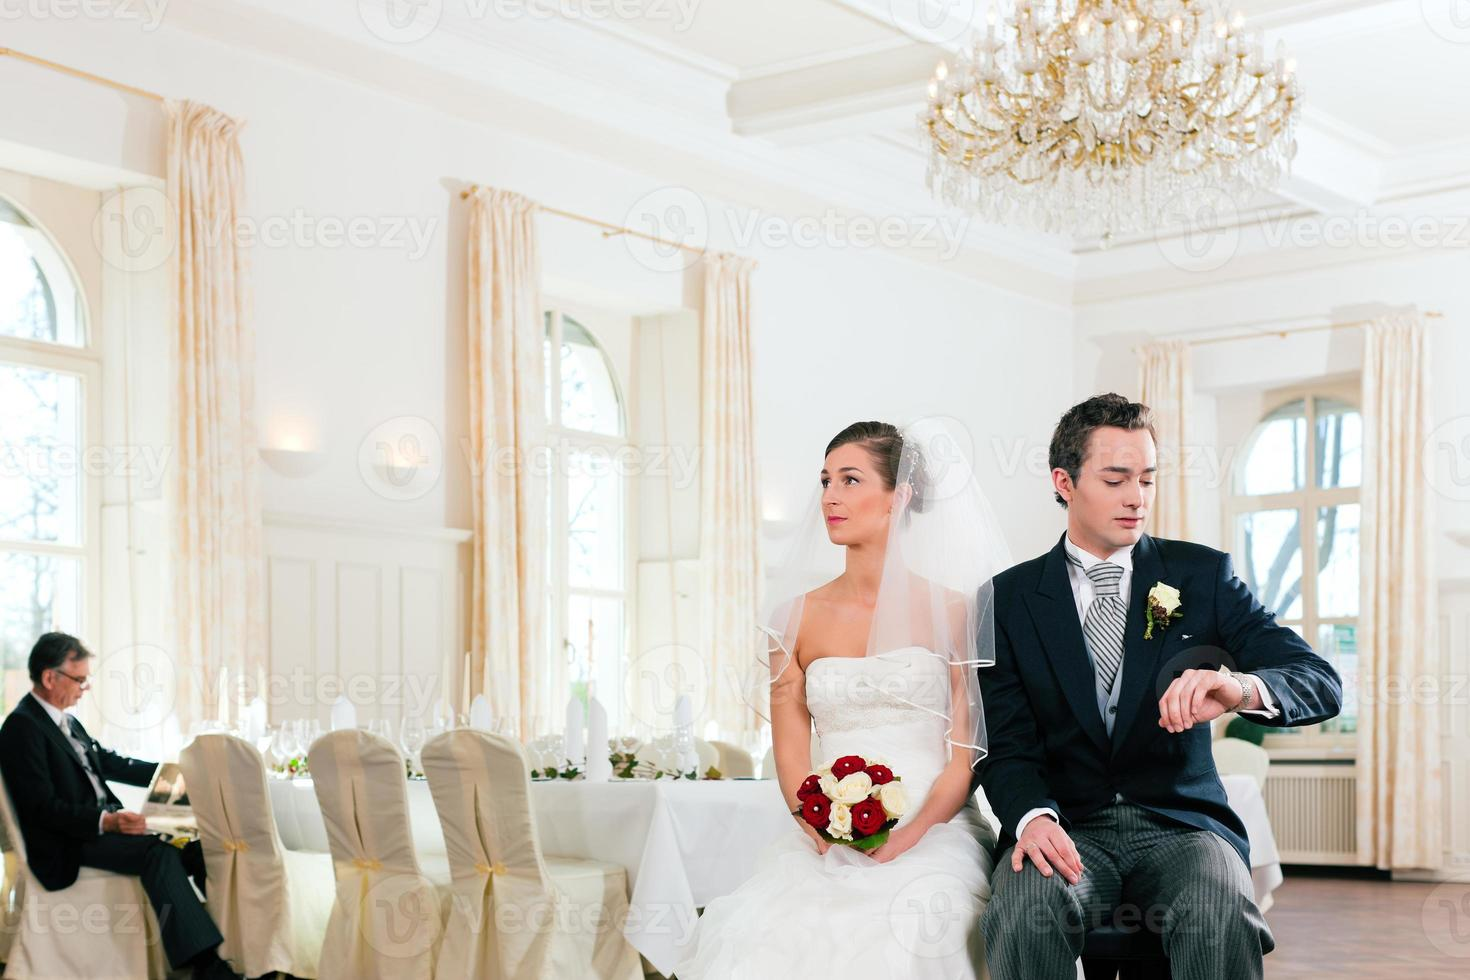 casal nupcial à espera de cerimônia foto